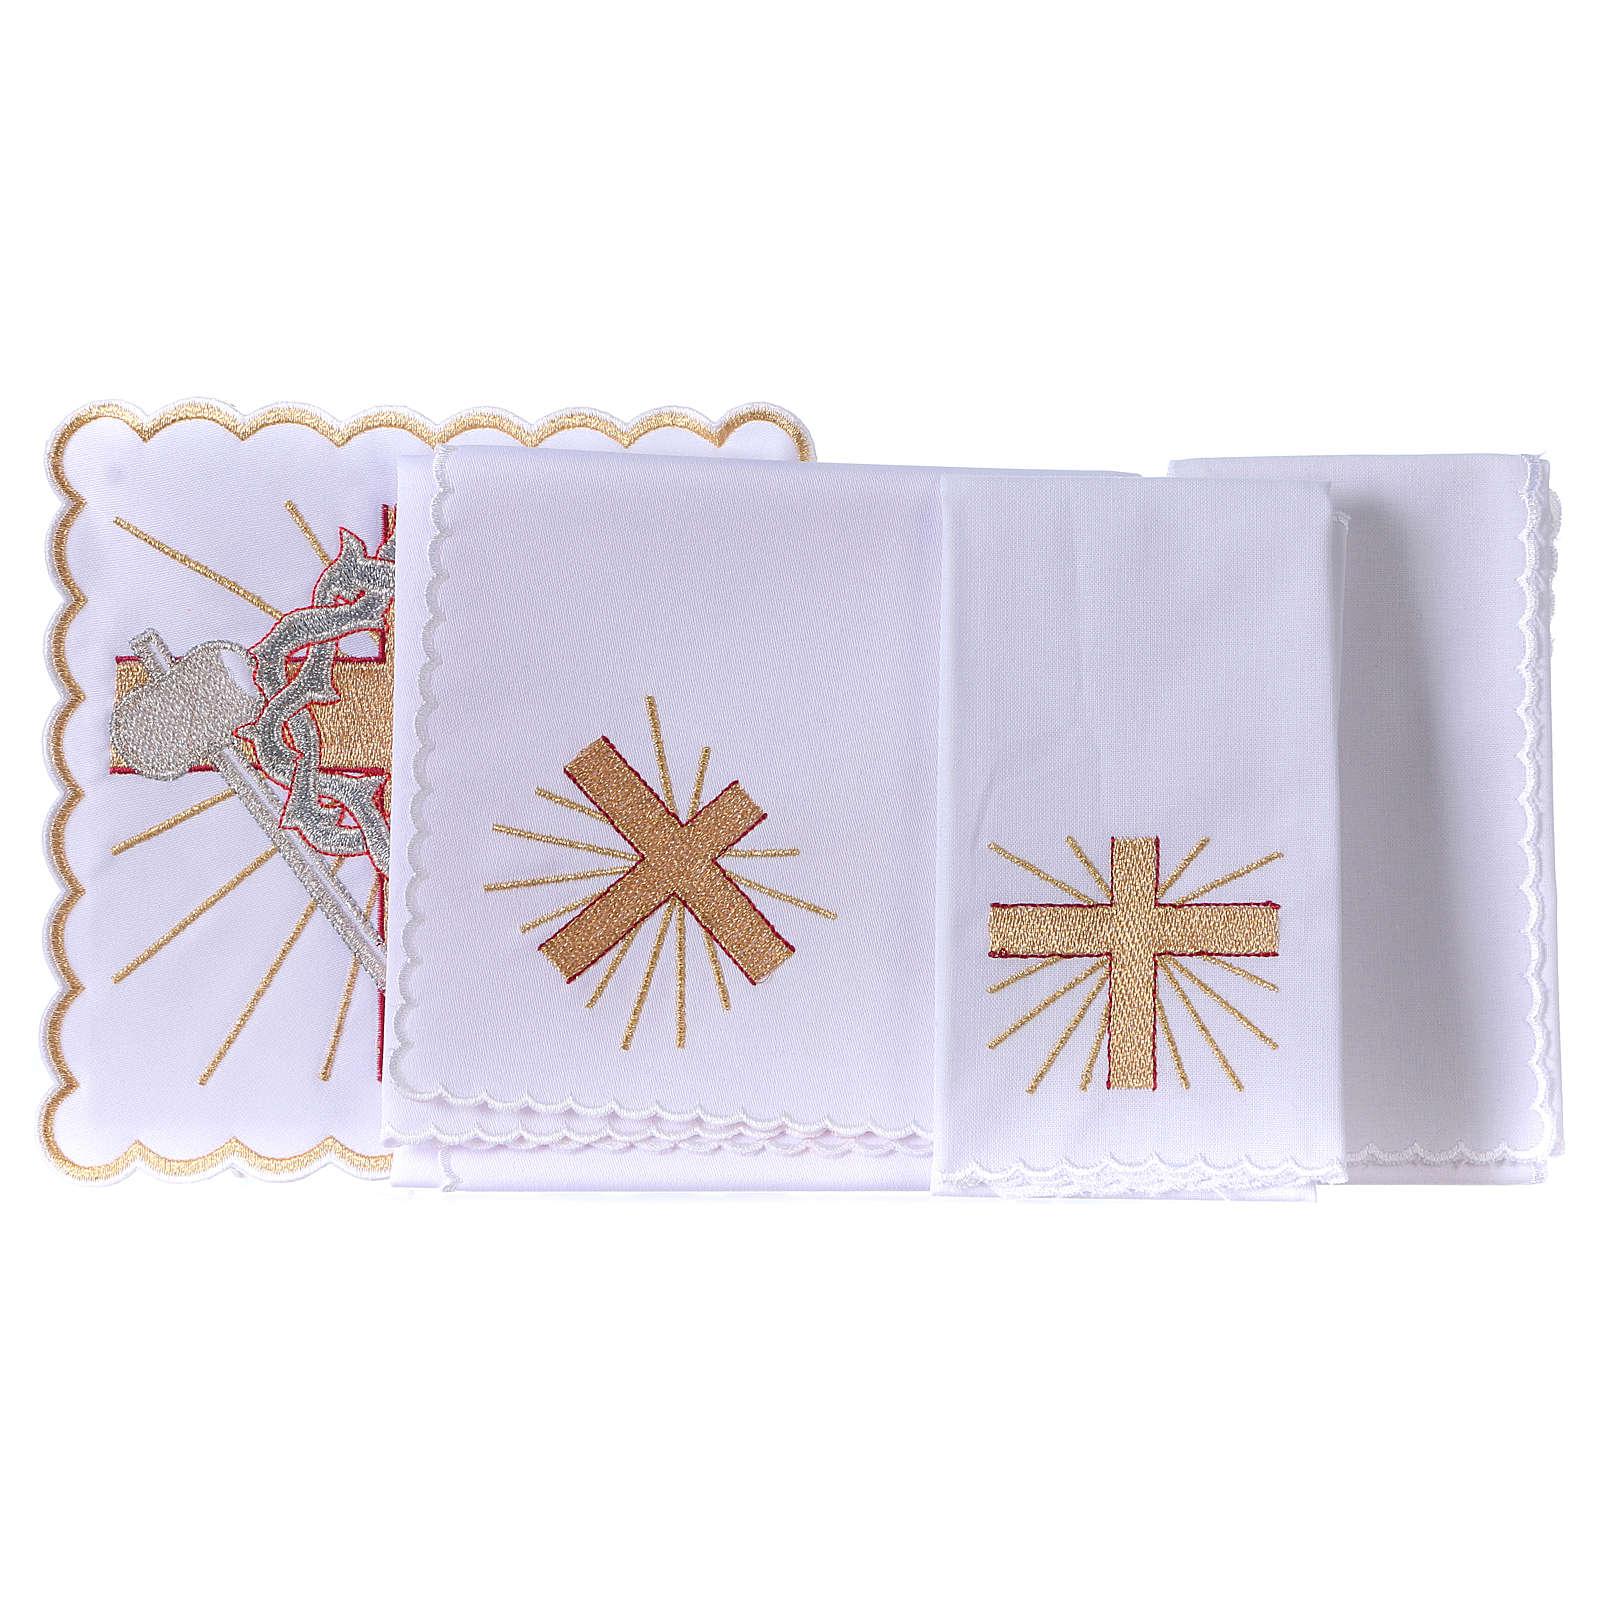 Servicio de altar algodón cruz lanza corona de espinas 4